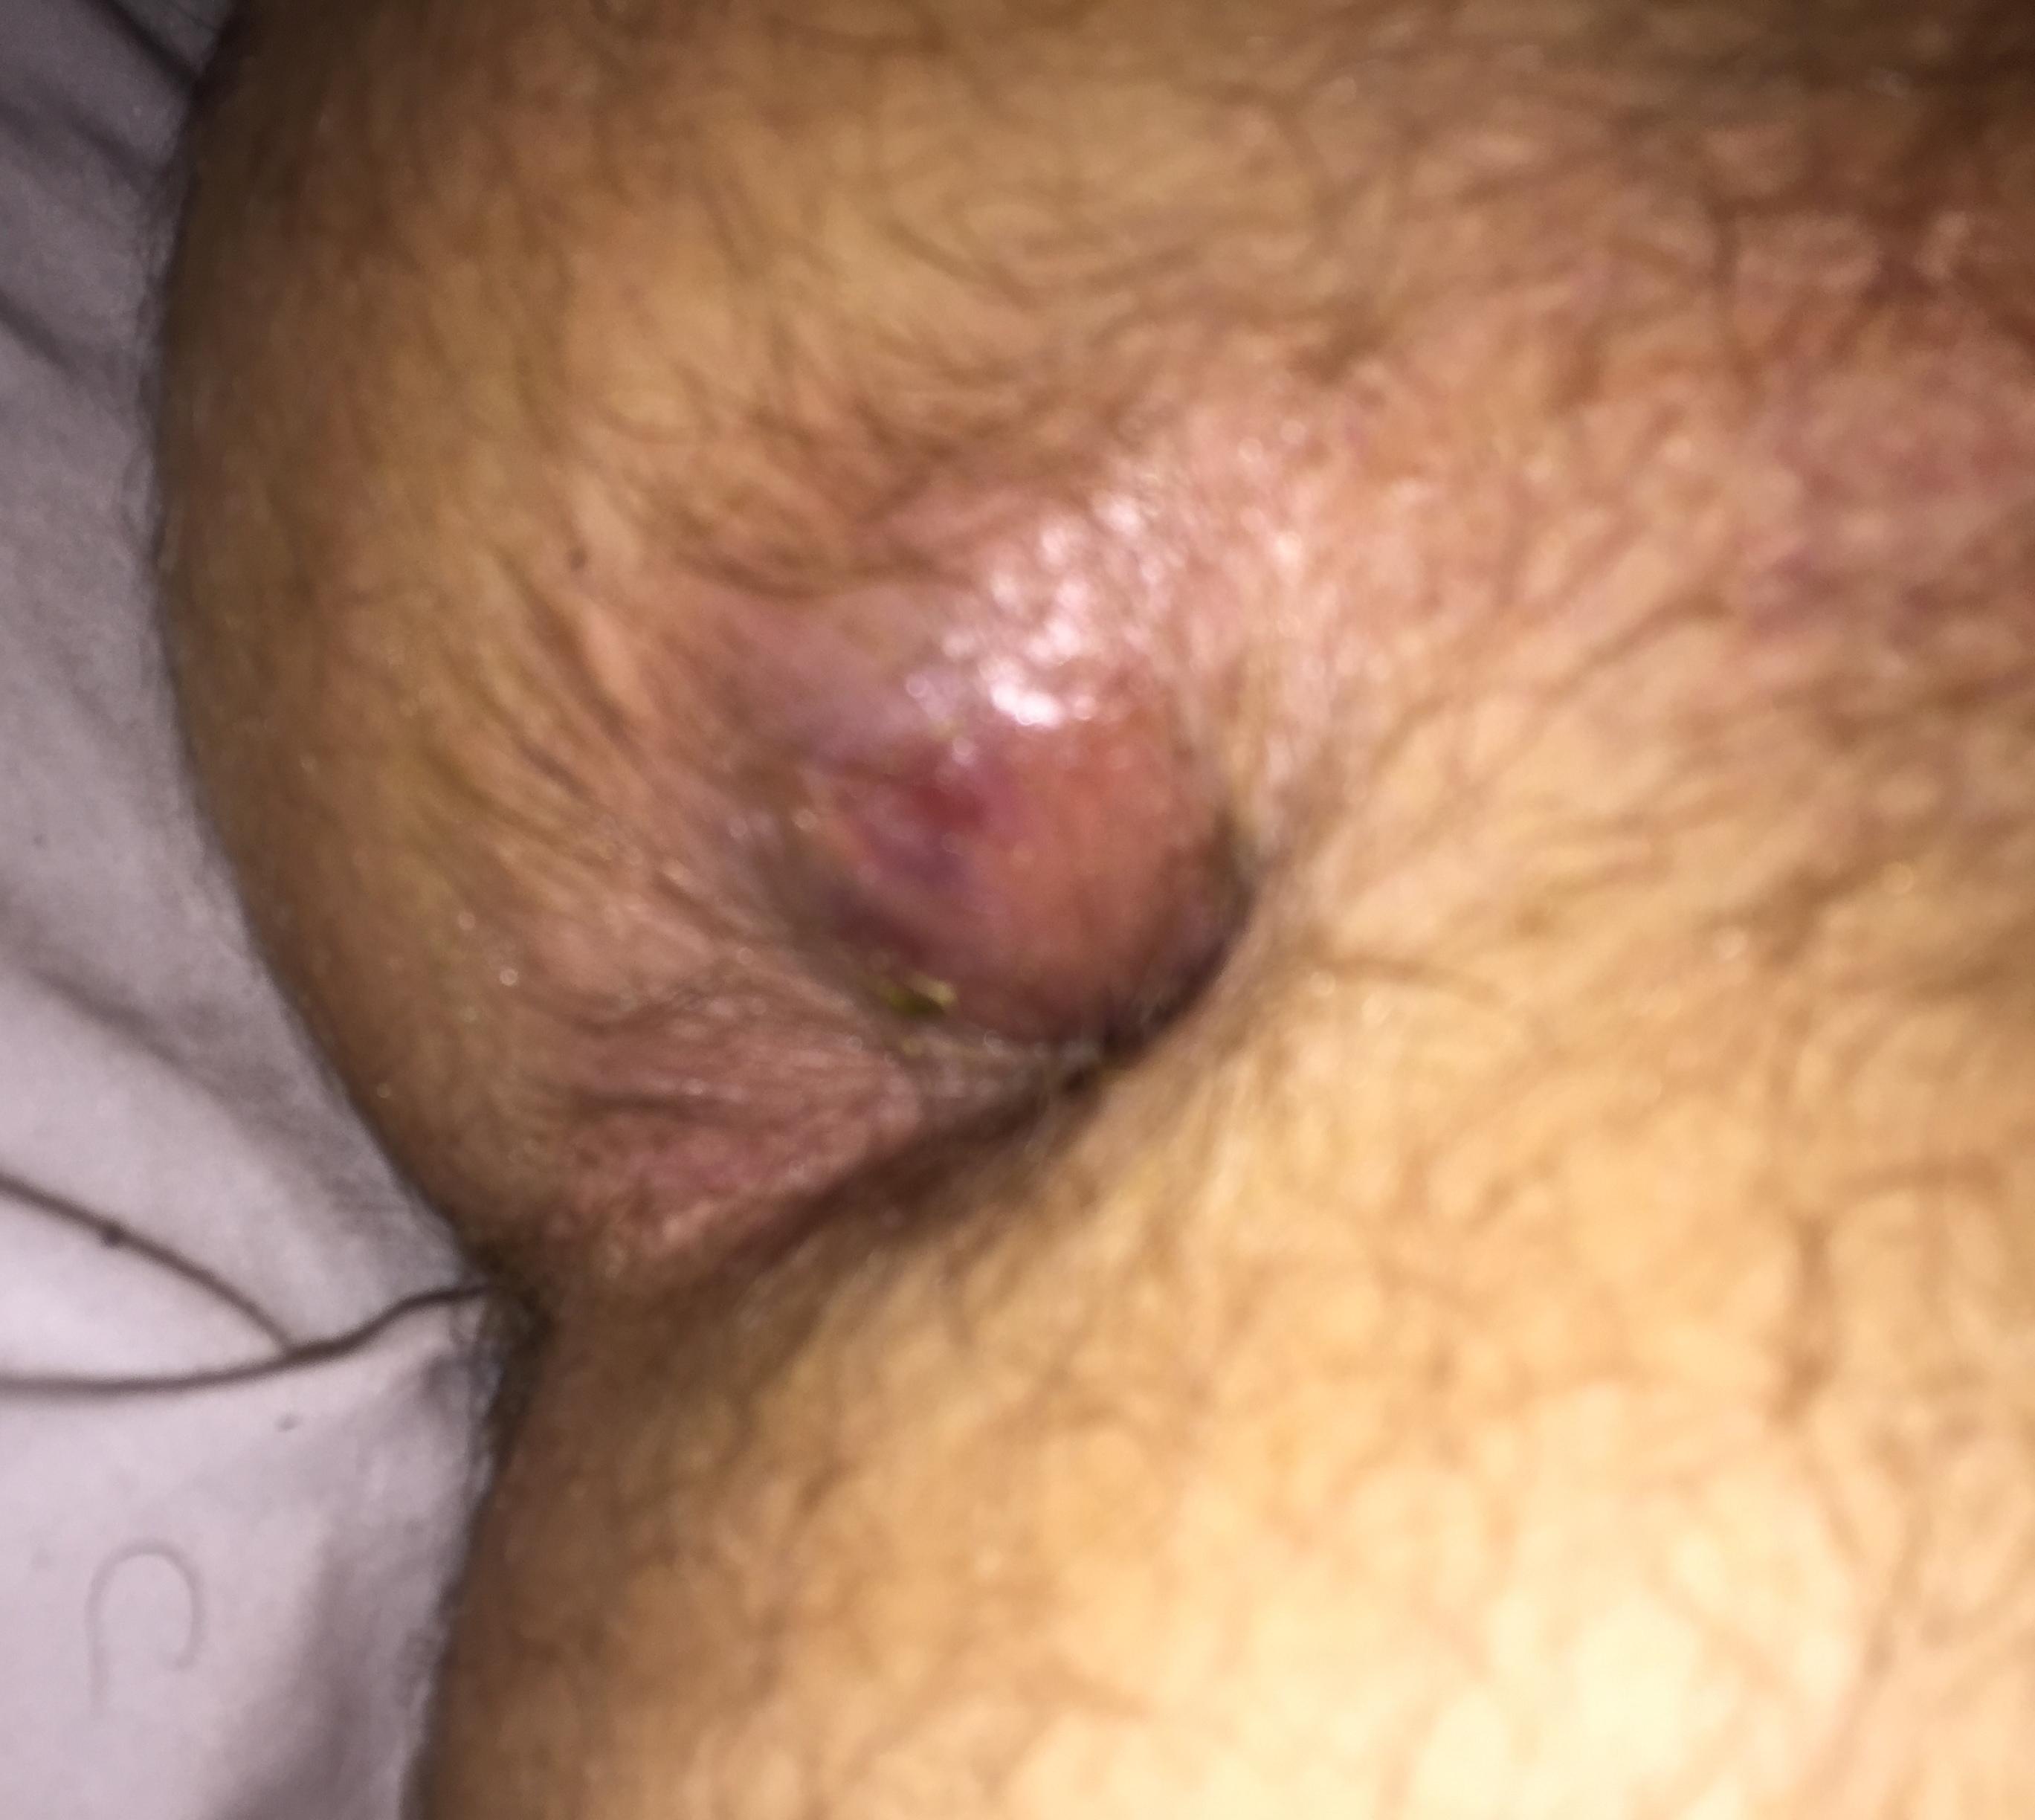 Babes anal abscess